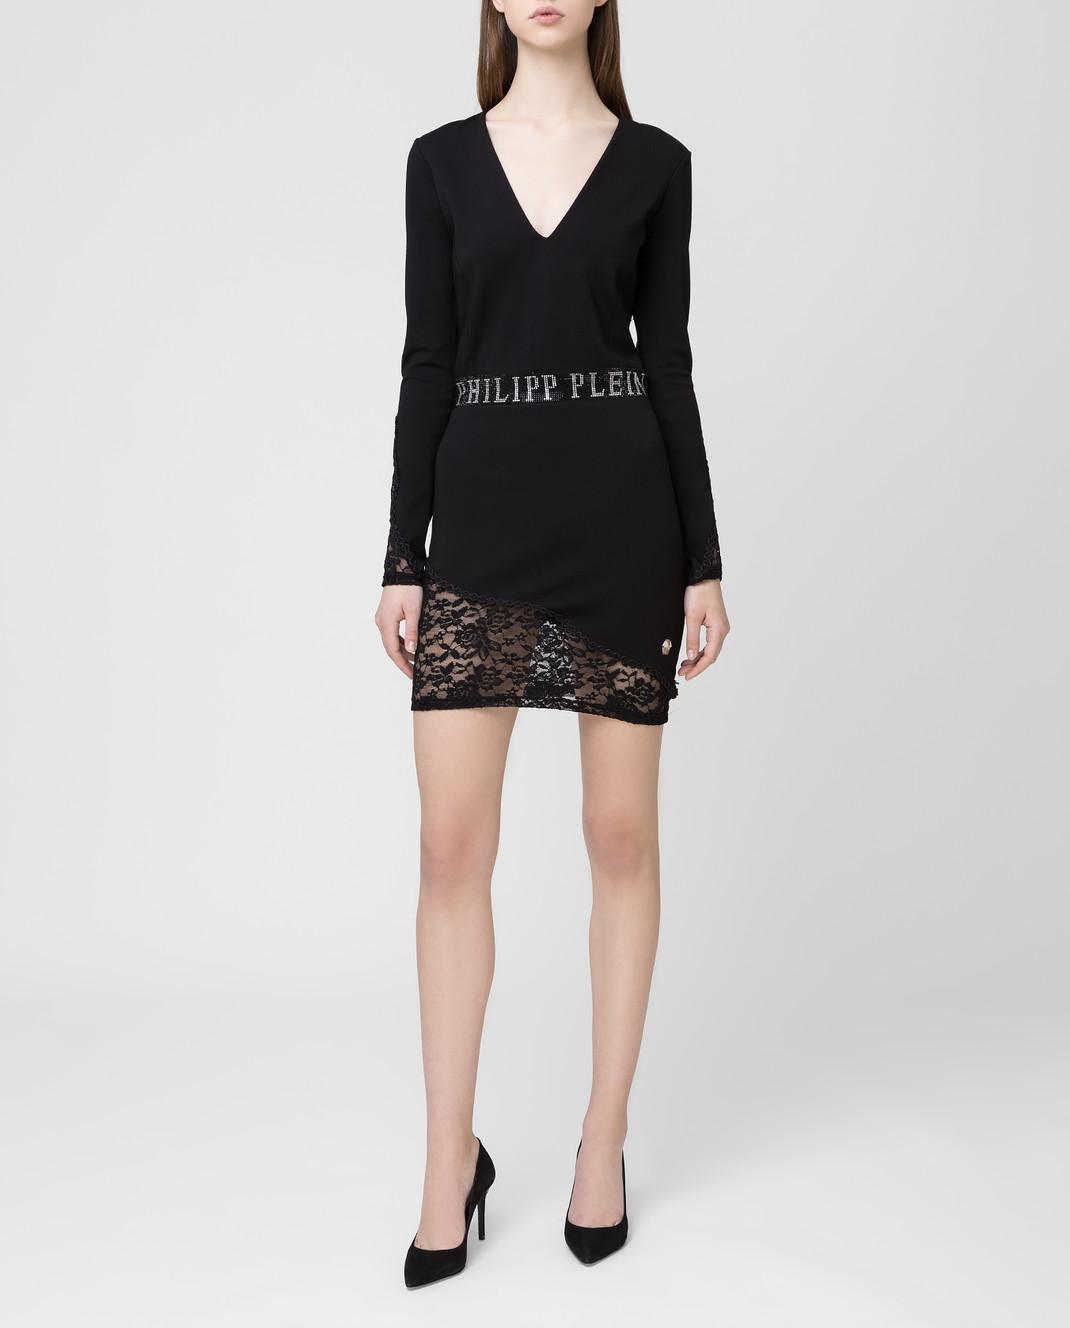 Philipp Plein Черное платье WRG0828 изображение 2